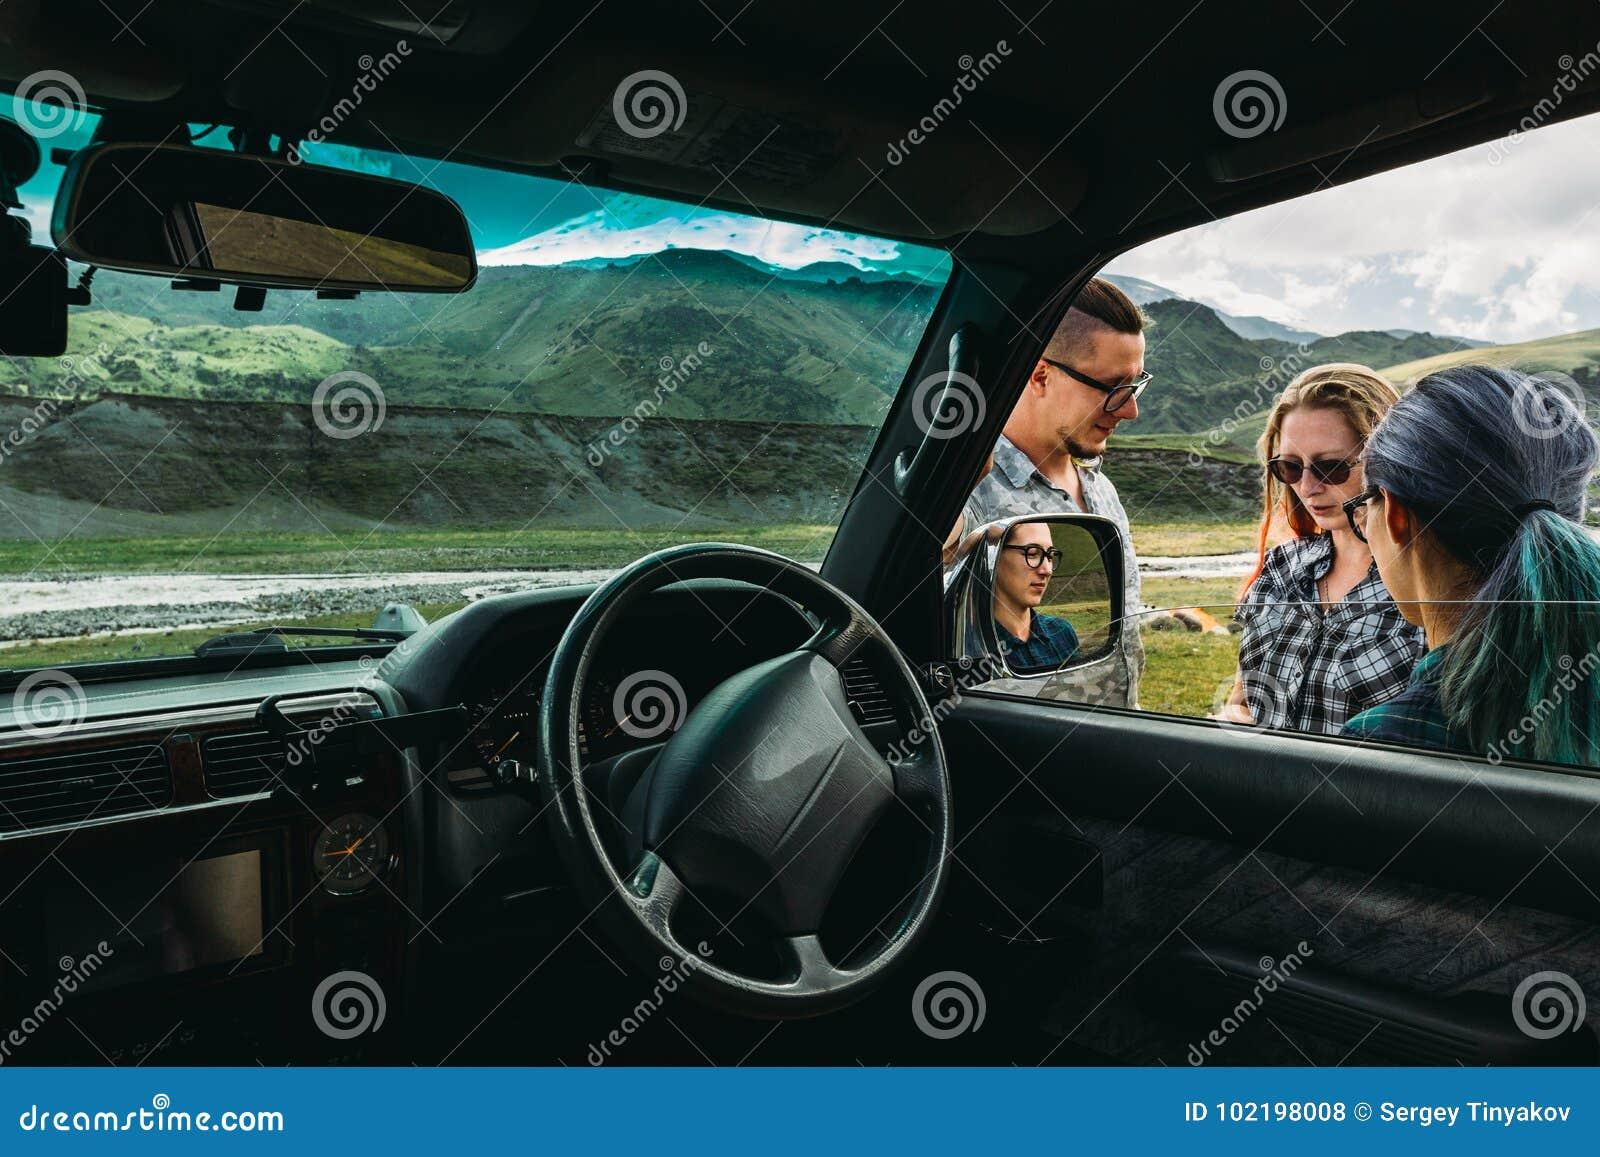 Três amigos perto do carro discutem a rota na viagem